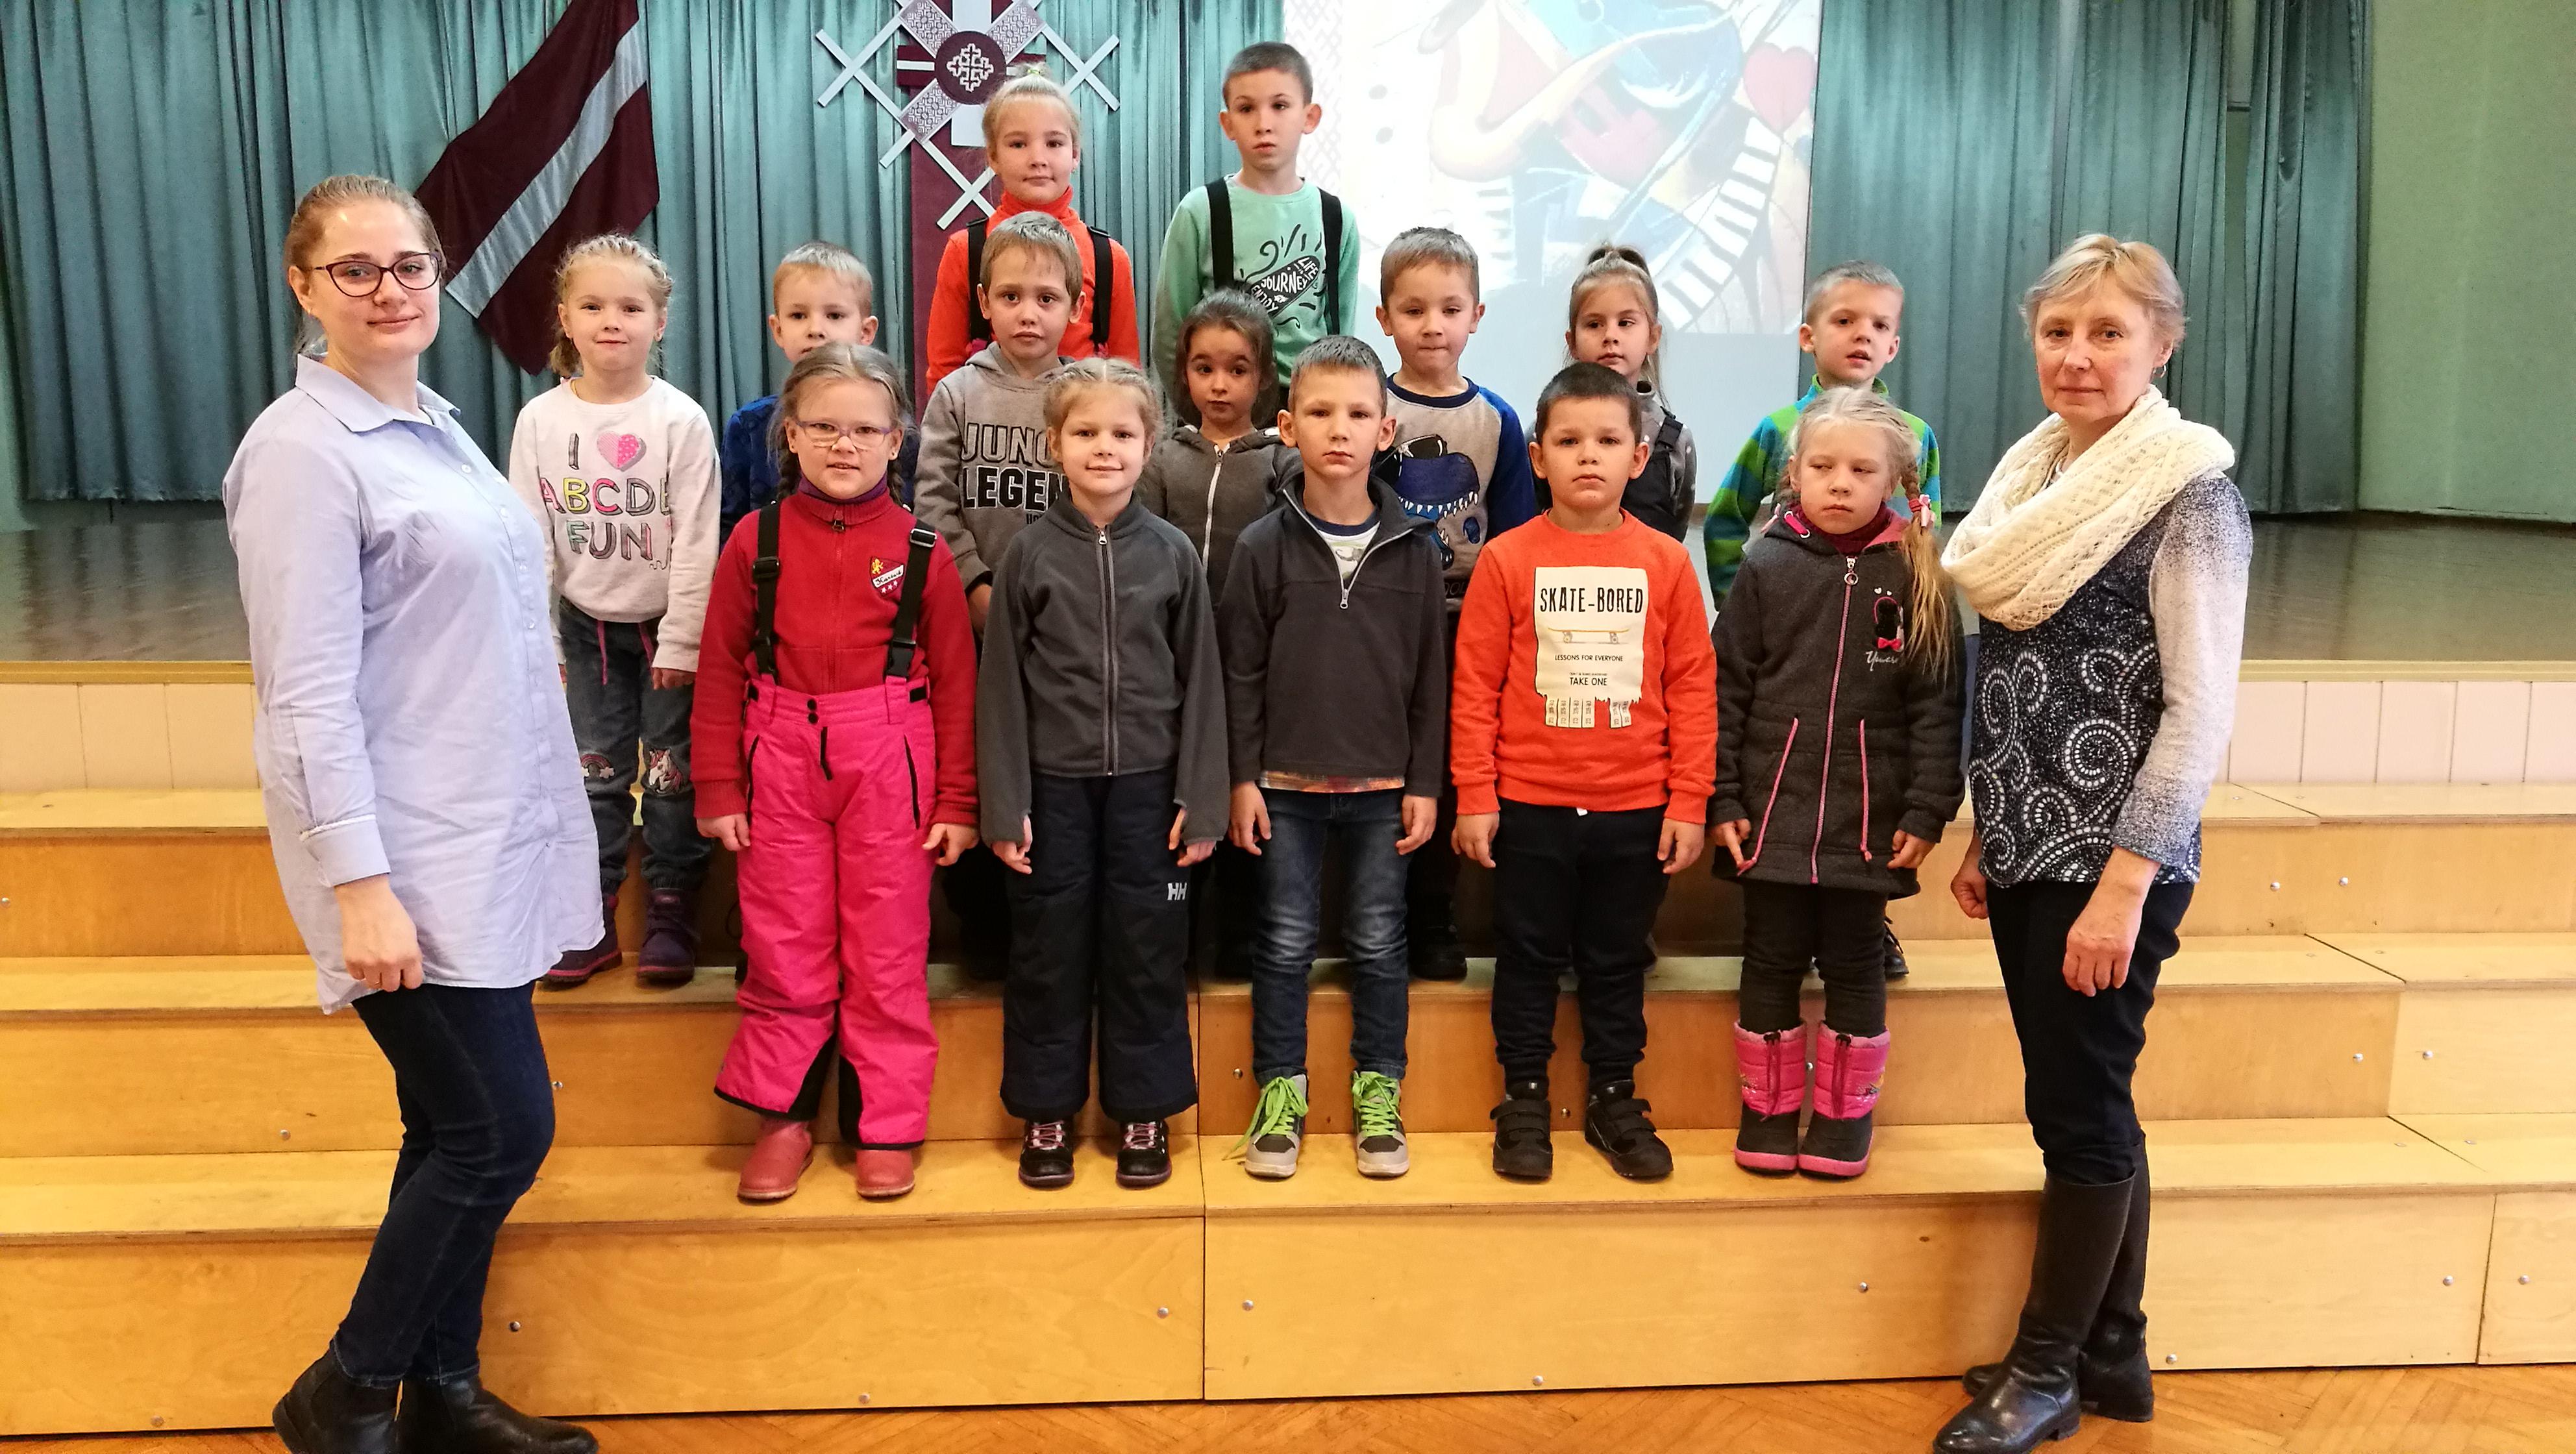 Mācību ekskursija uz Daugavpils 16.vidusskolu